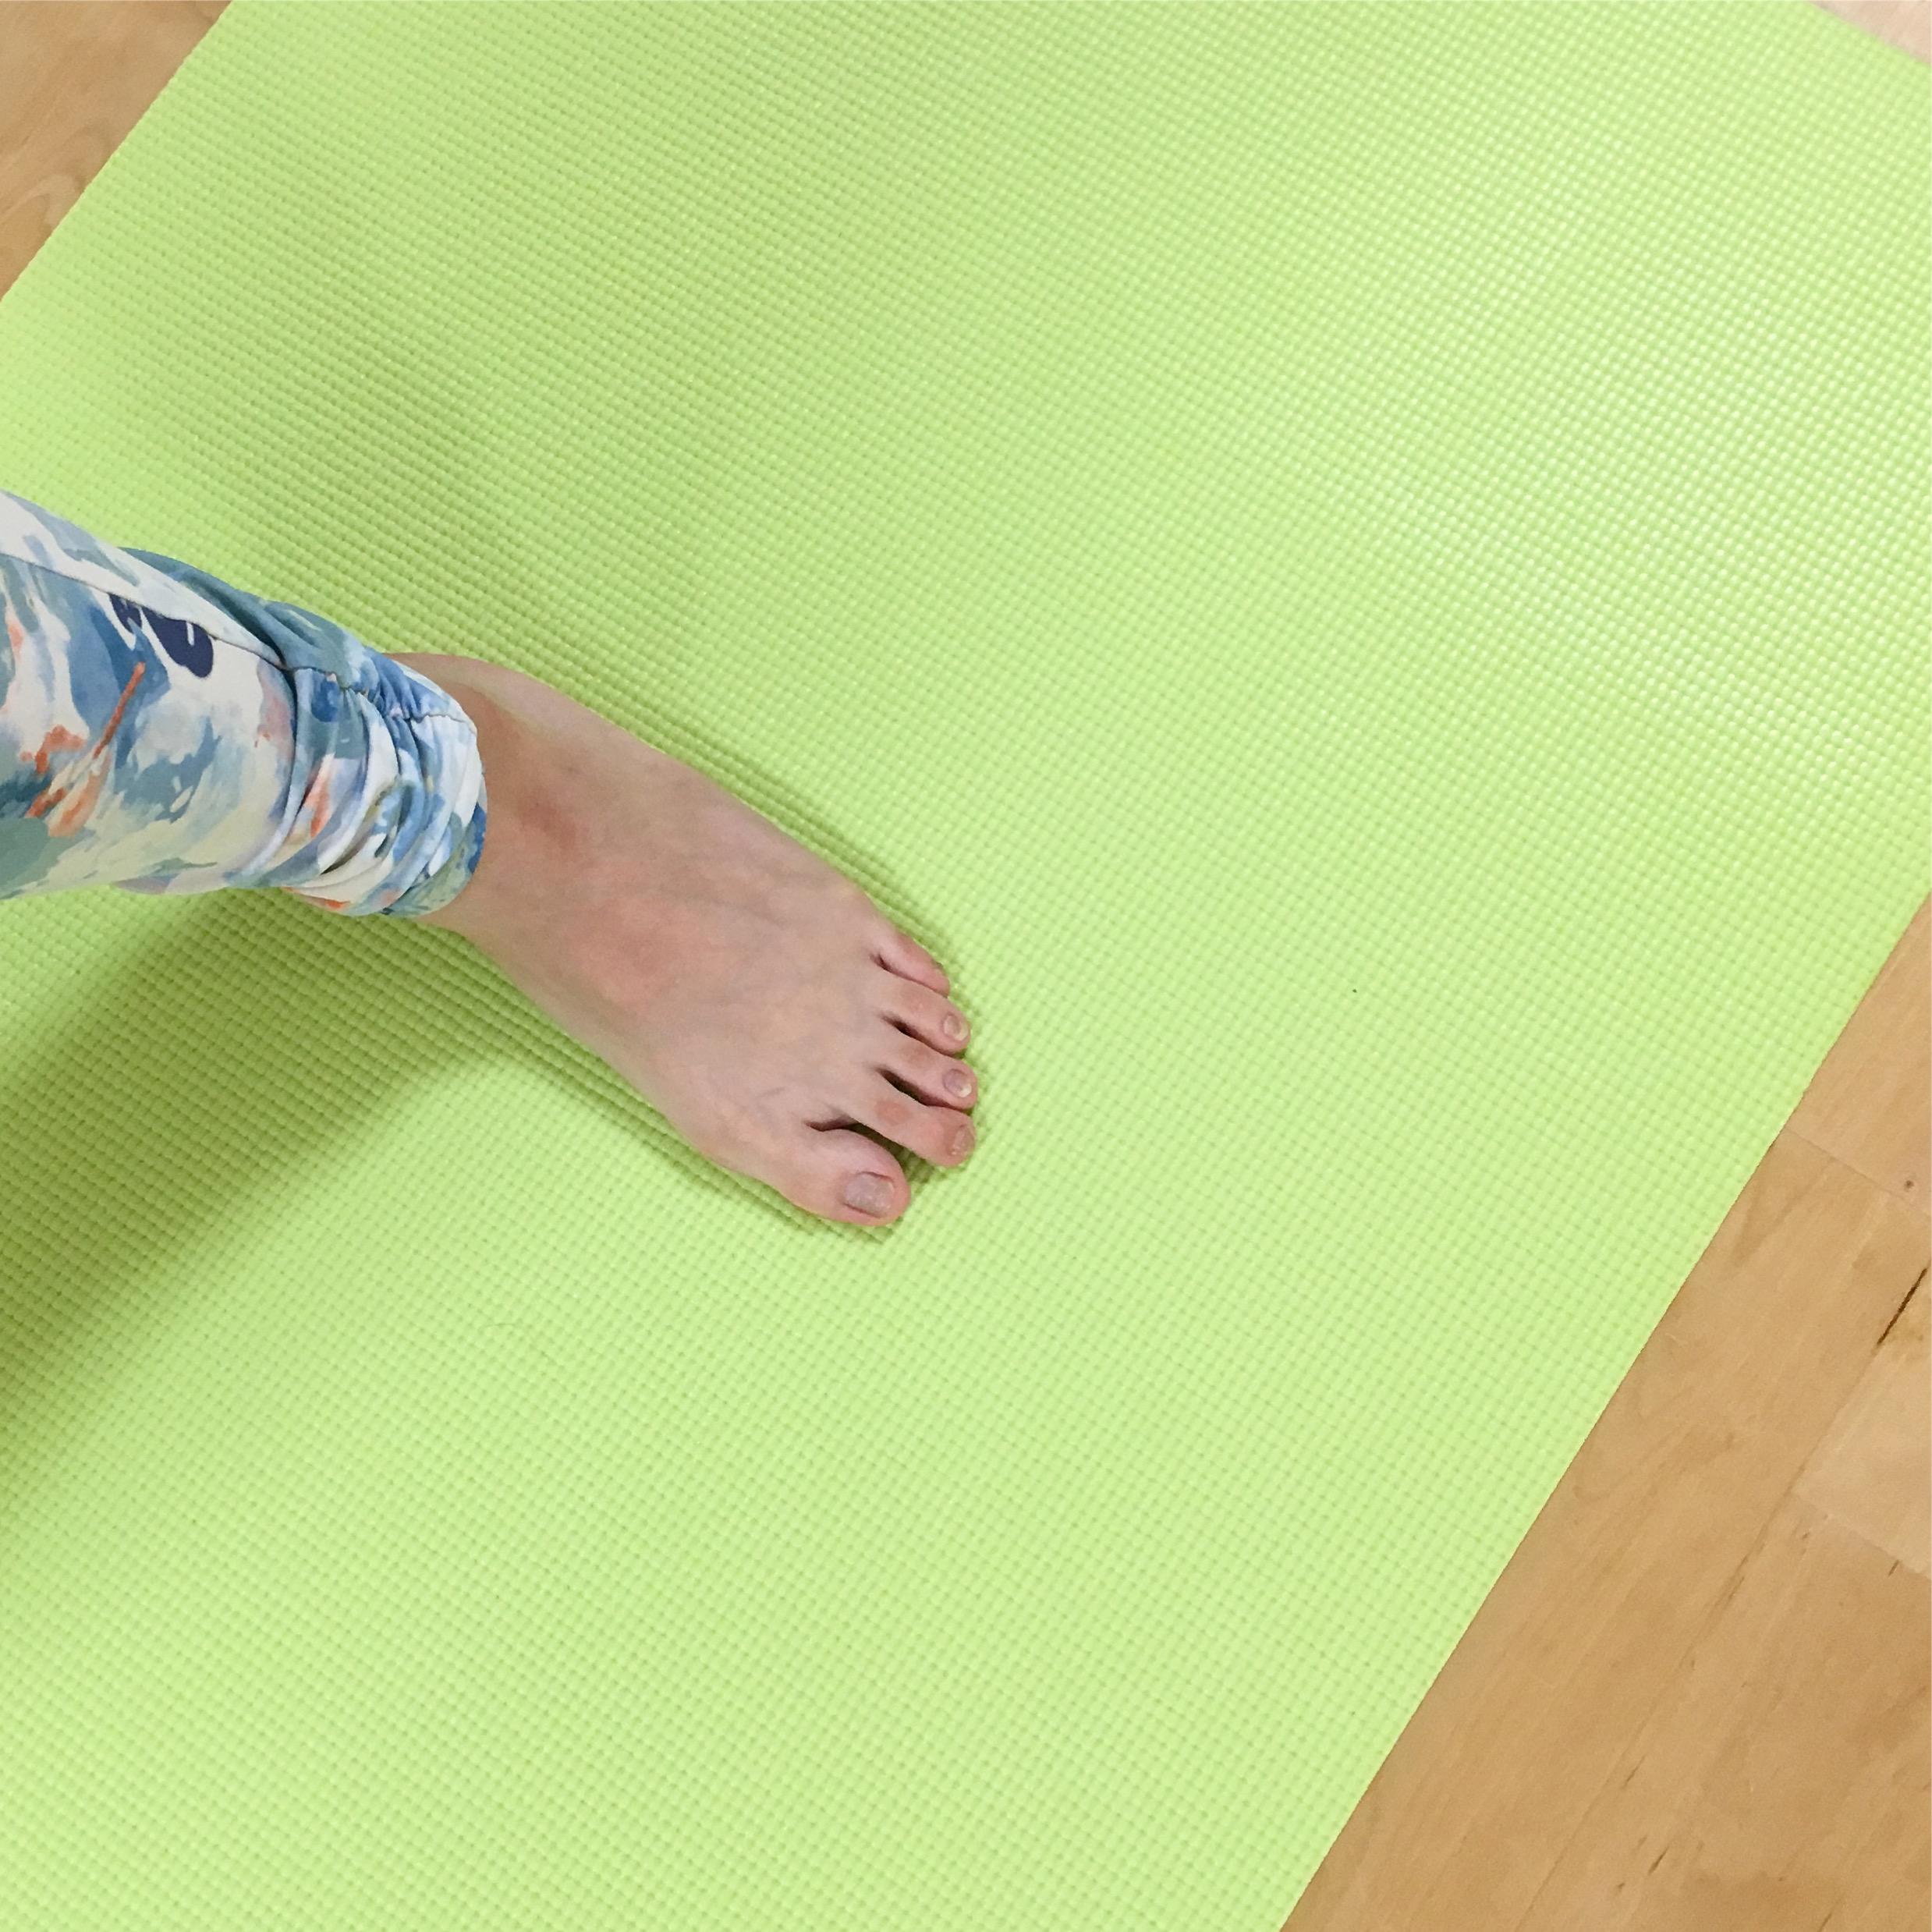 sincerity yoga 〜シンセリティヨガ〜 - 神咲 ココ(カンザキ ココ)さんの写真